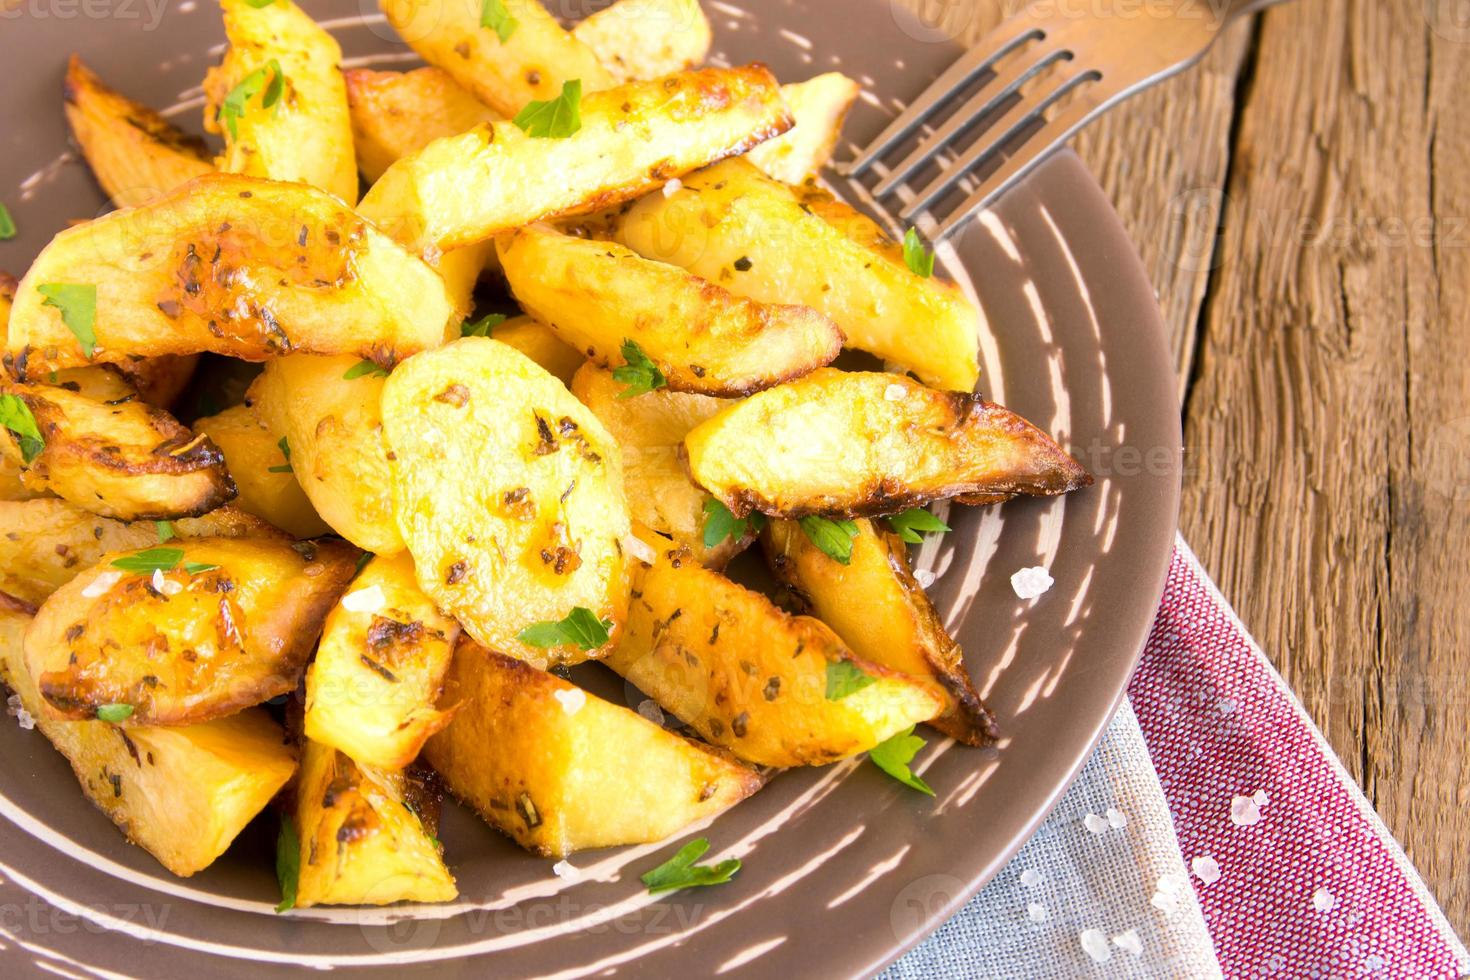 batatas assadas foto